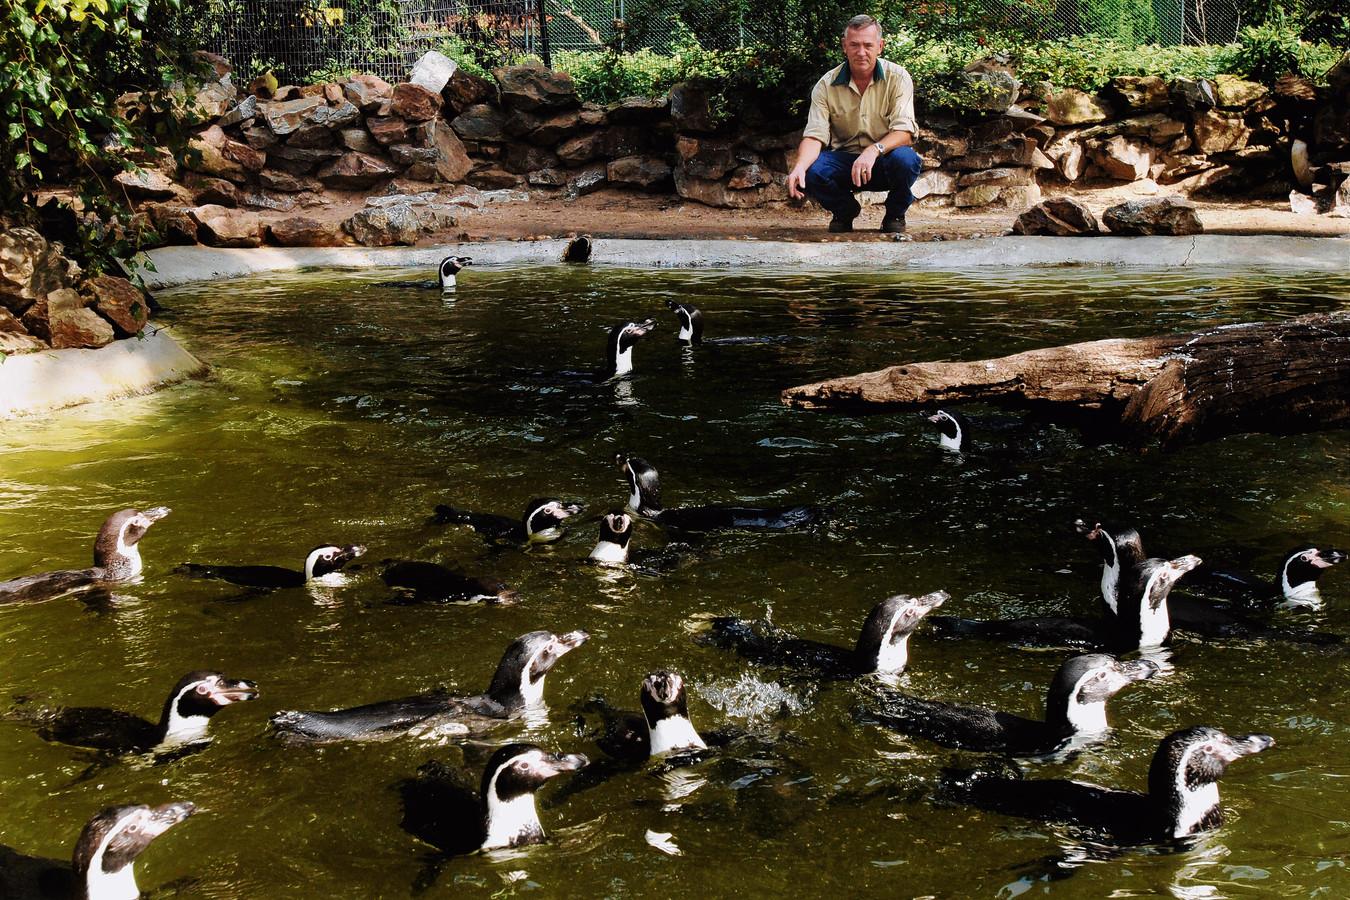 De kolonie humboldtpinguins in Avifauna.